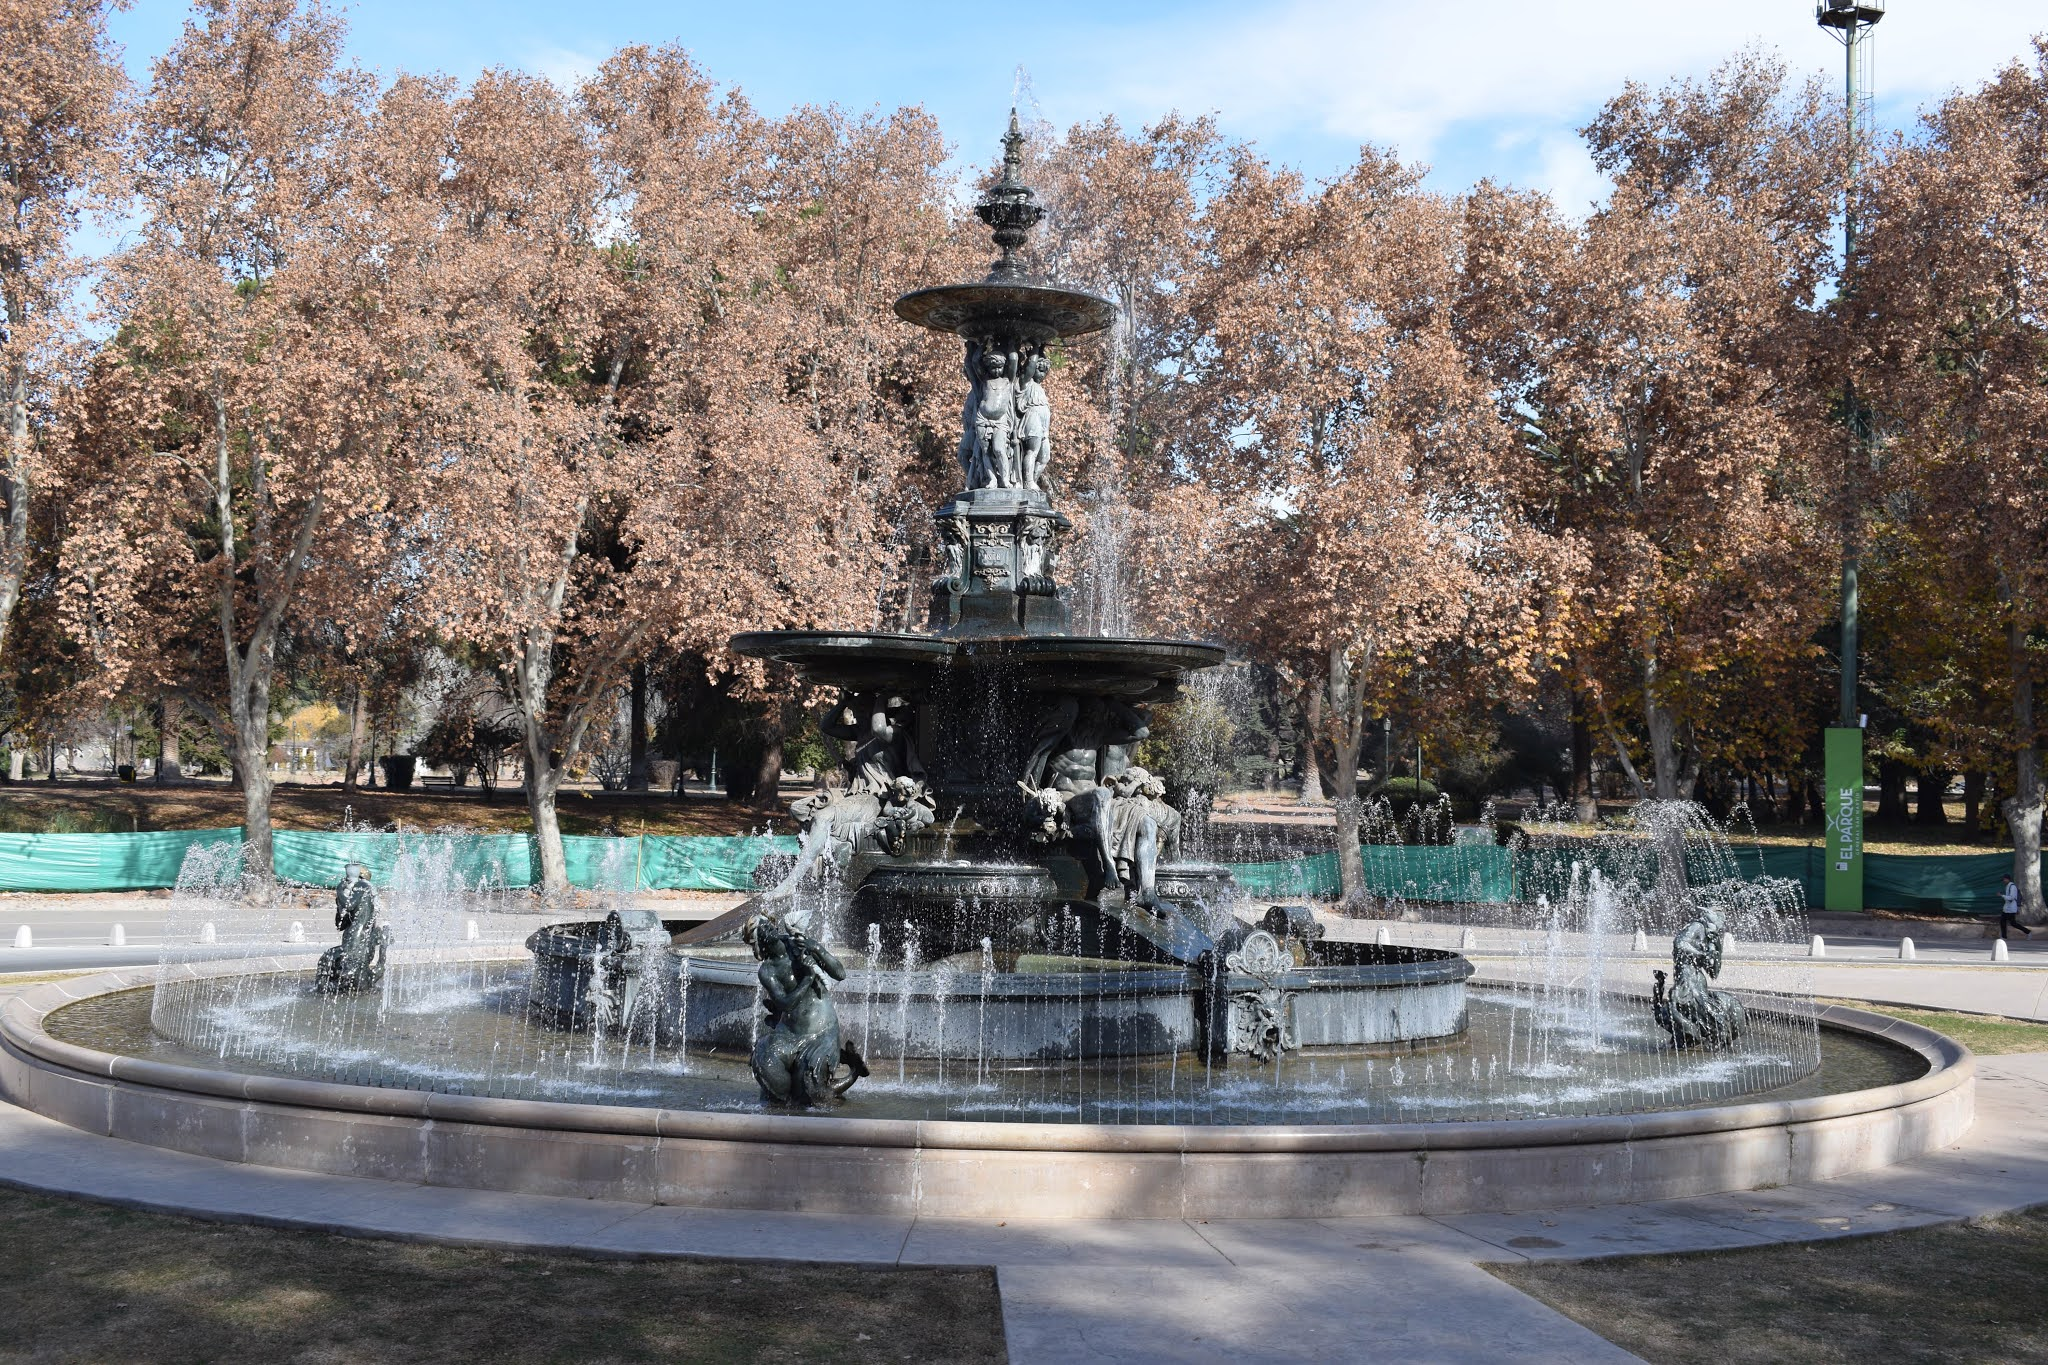 parque com arvores e uma fonte de agua